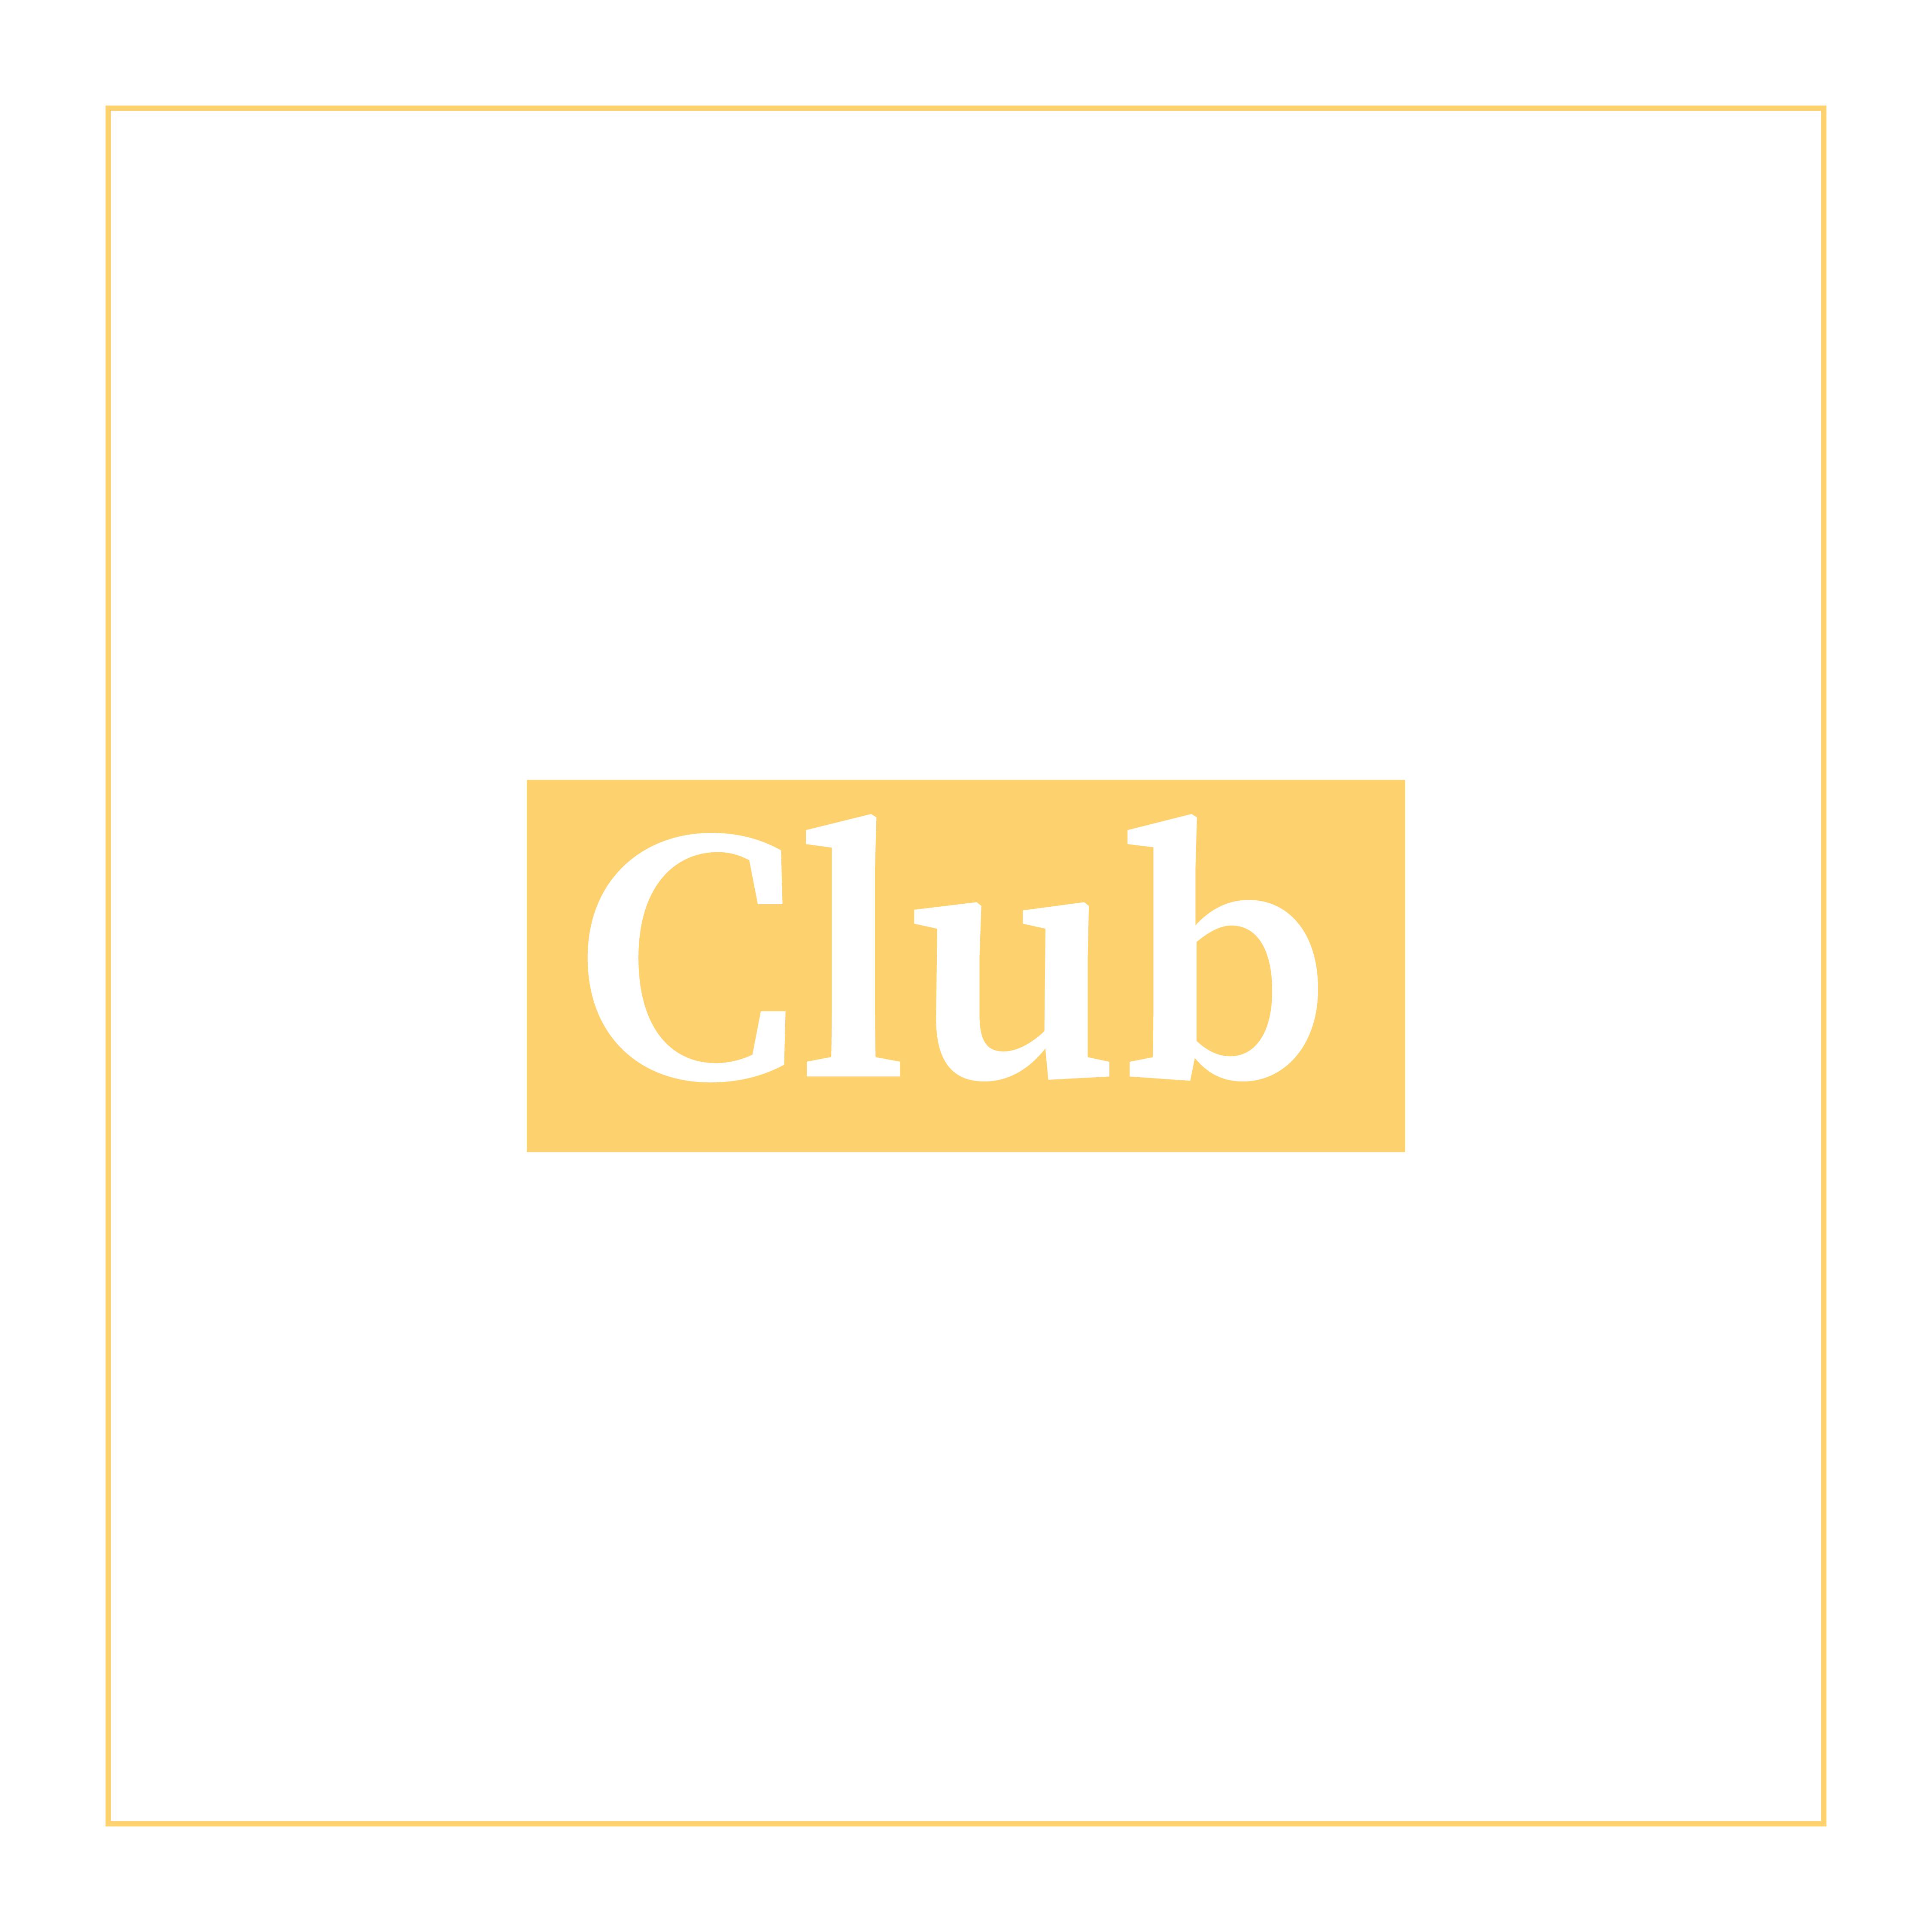 El Club de las 11am